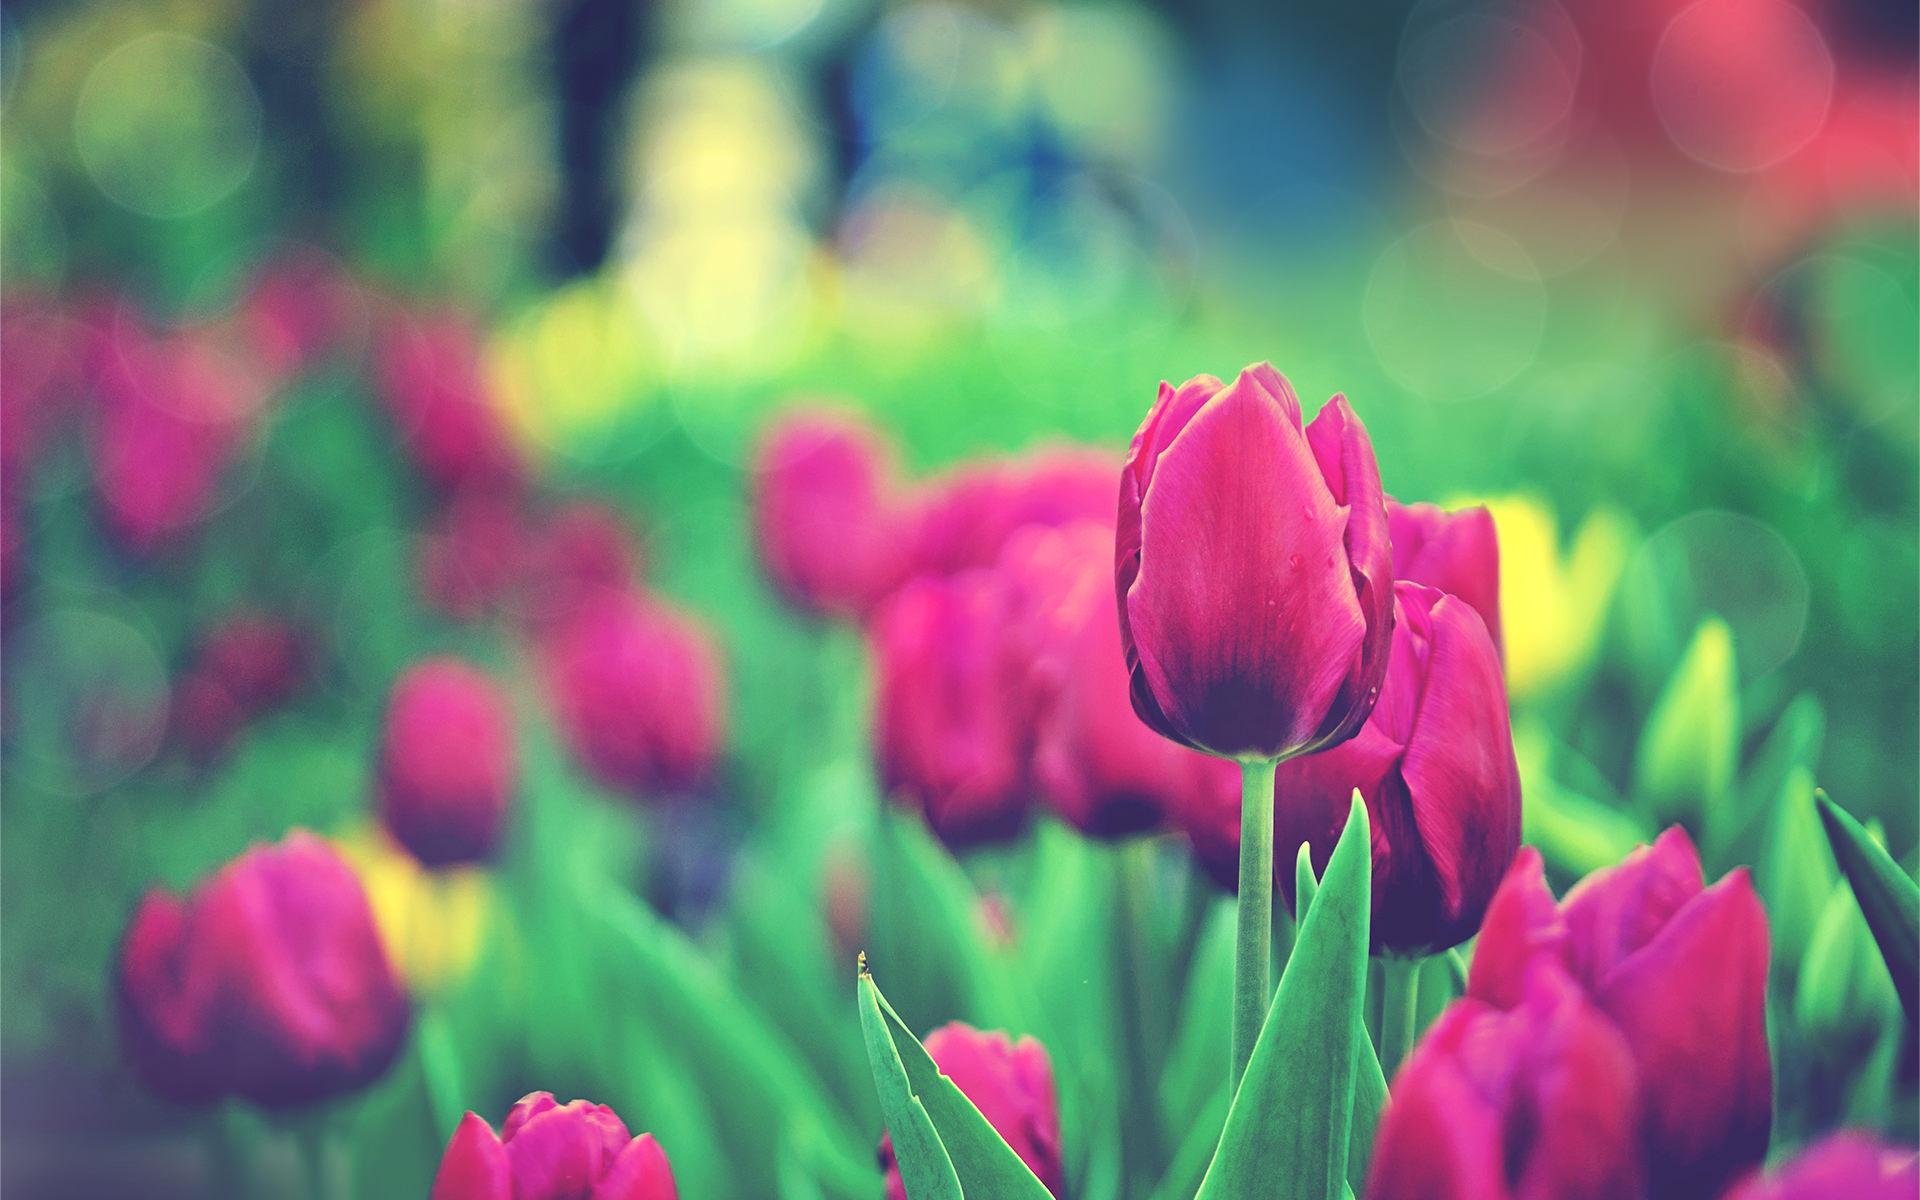 tulips_garden-wallpaper